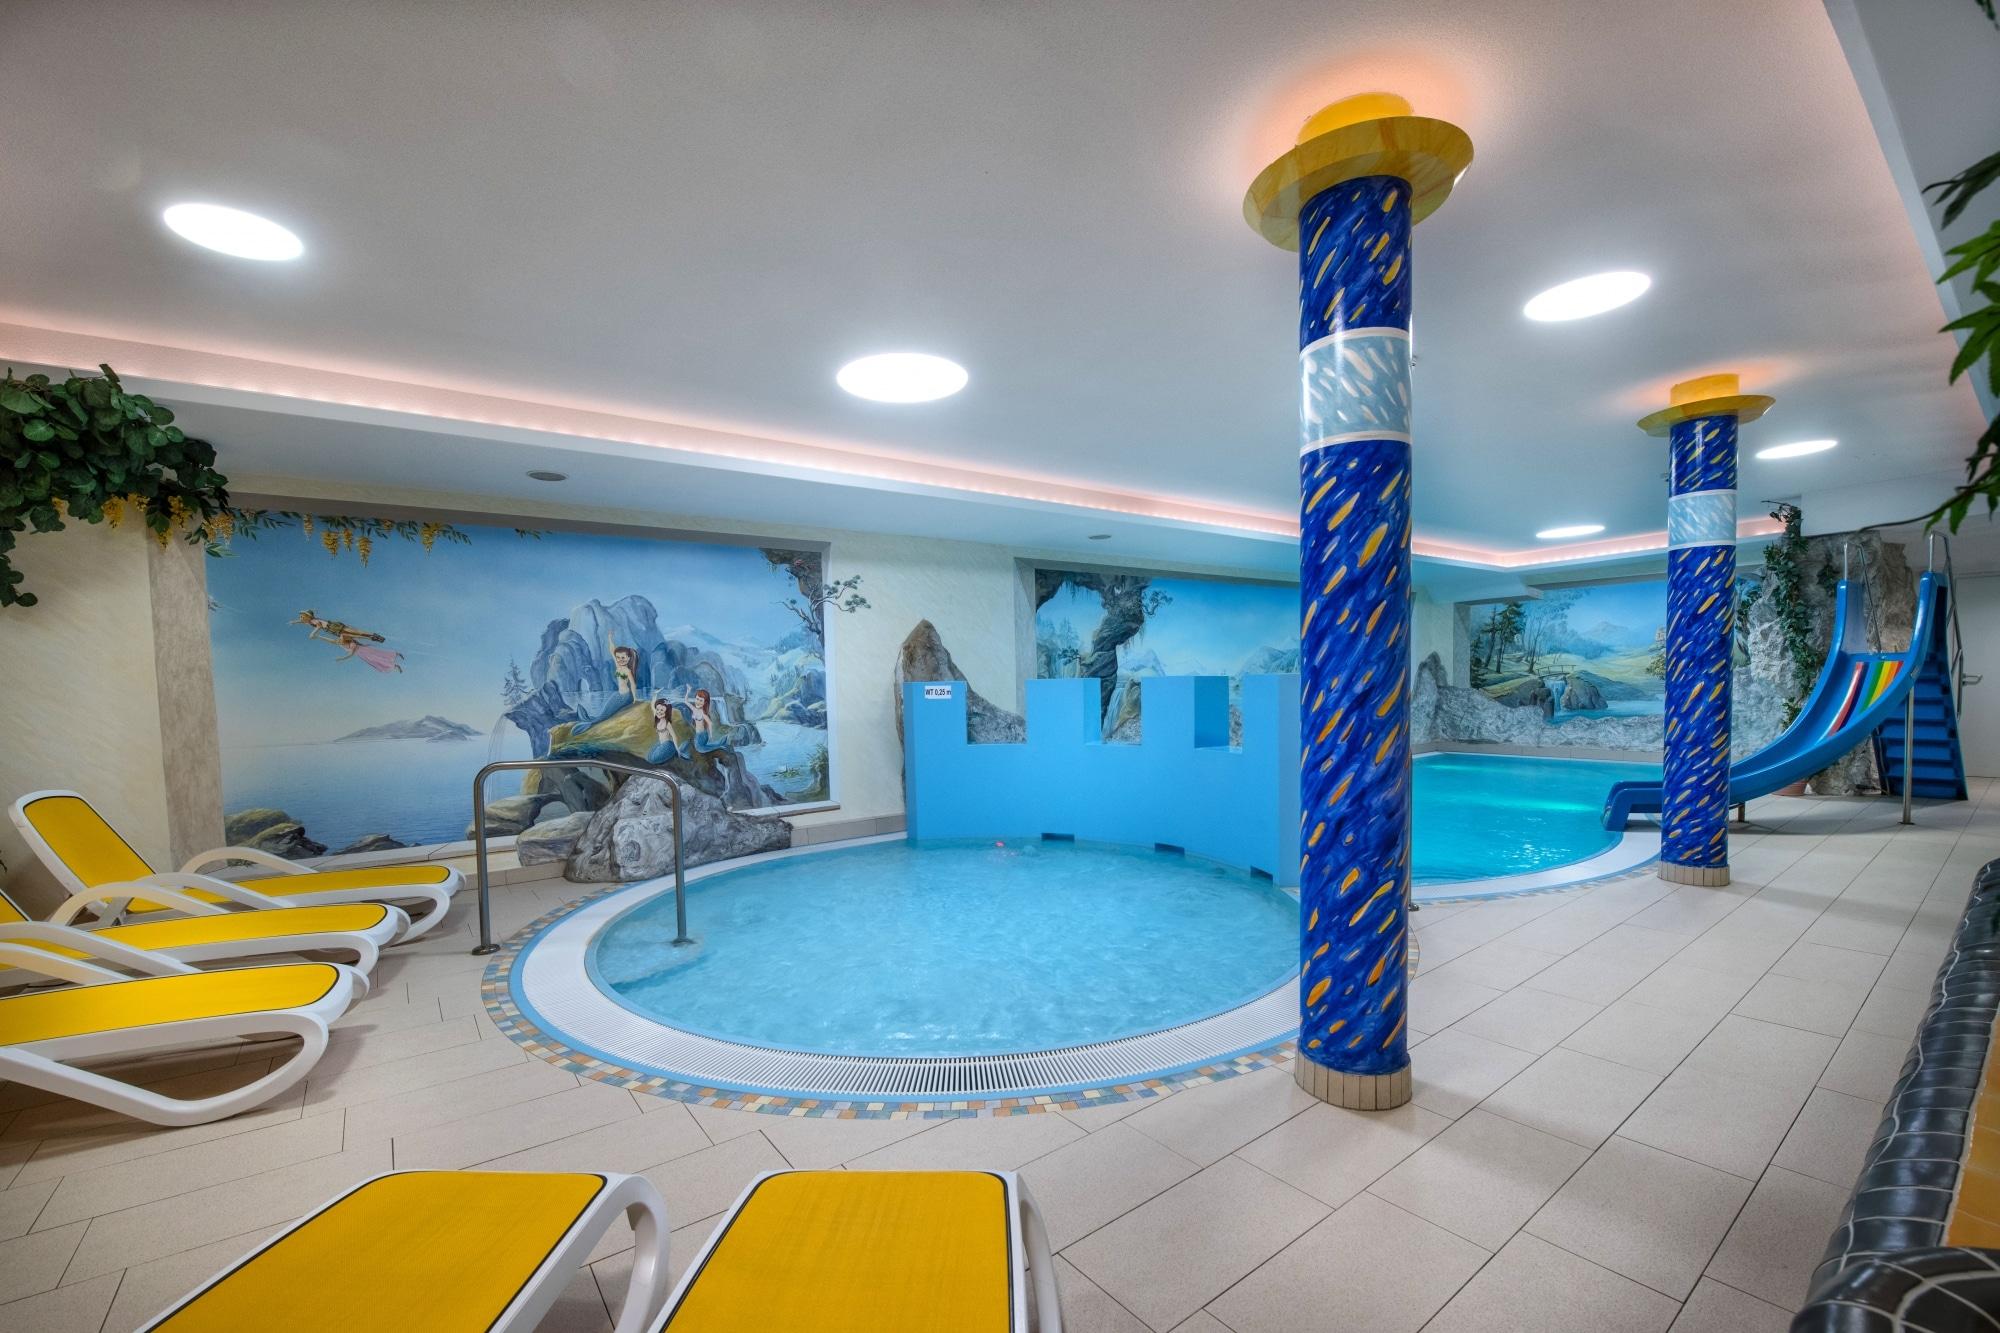 Kinderwellnessbereich mit Rutsche im Familienhotel Zauchenseehof